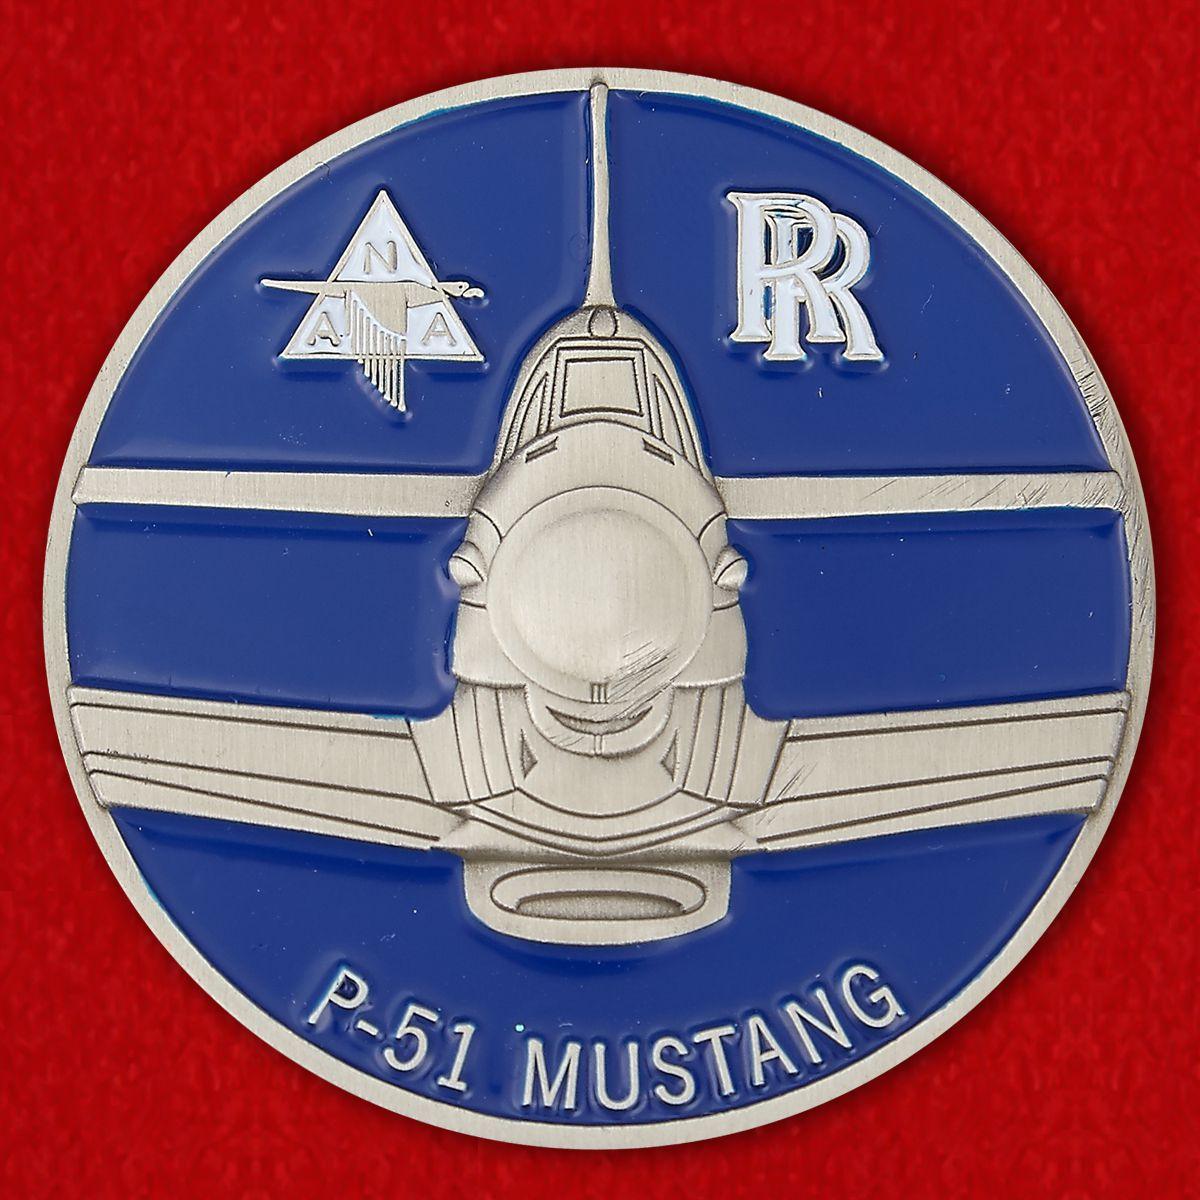 """Челлендж коин """"Истребитель Р-51 Мустанг """"Беспокойная птица"""" лейтенанта Роберта Дж. Фриша"""""""